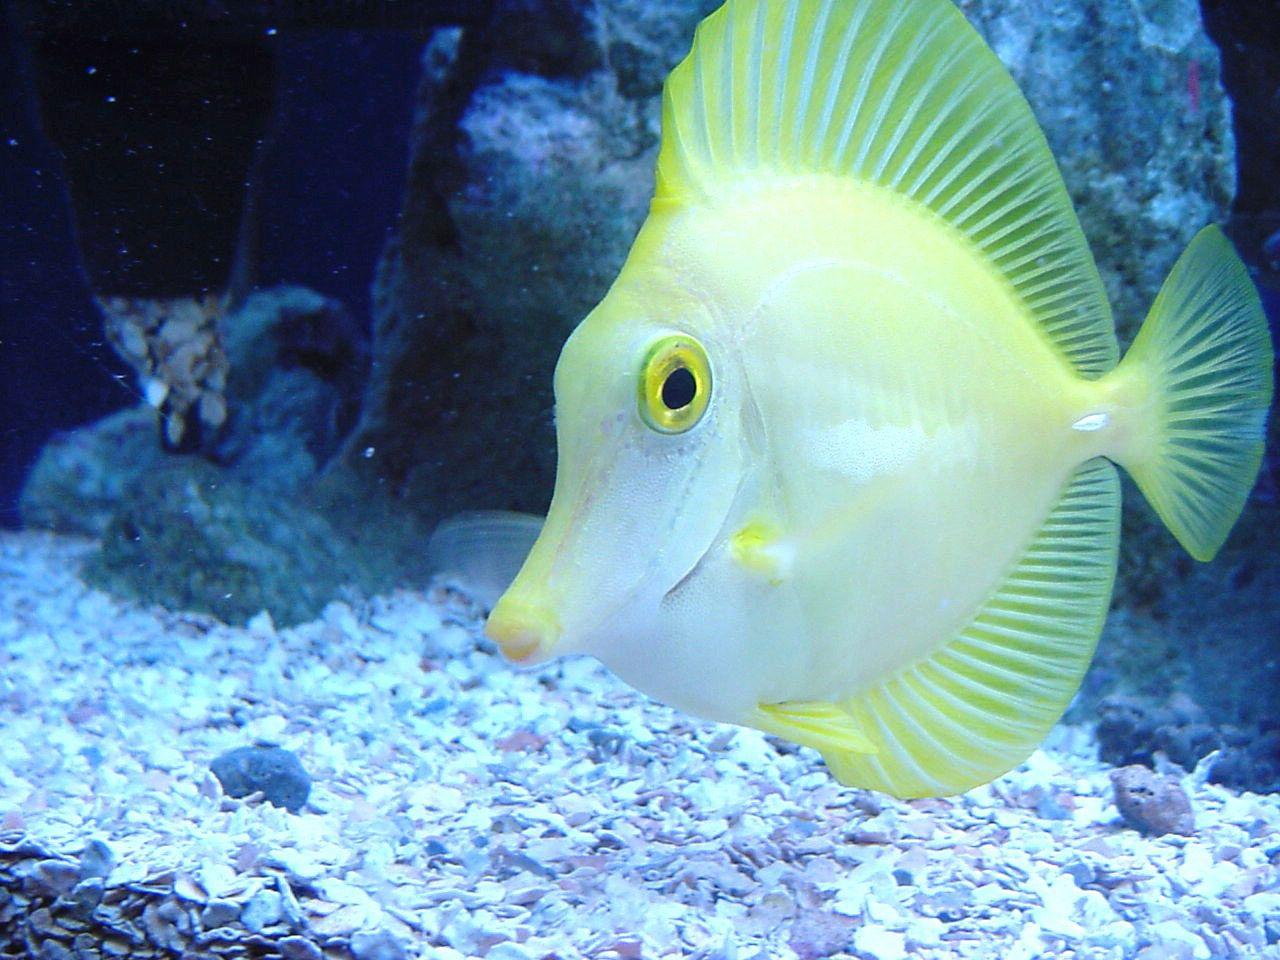 Animal Fish Desktop Hd Wallpapers Beautiful Fish Fish Wallpaper Salt Water Fishing